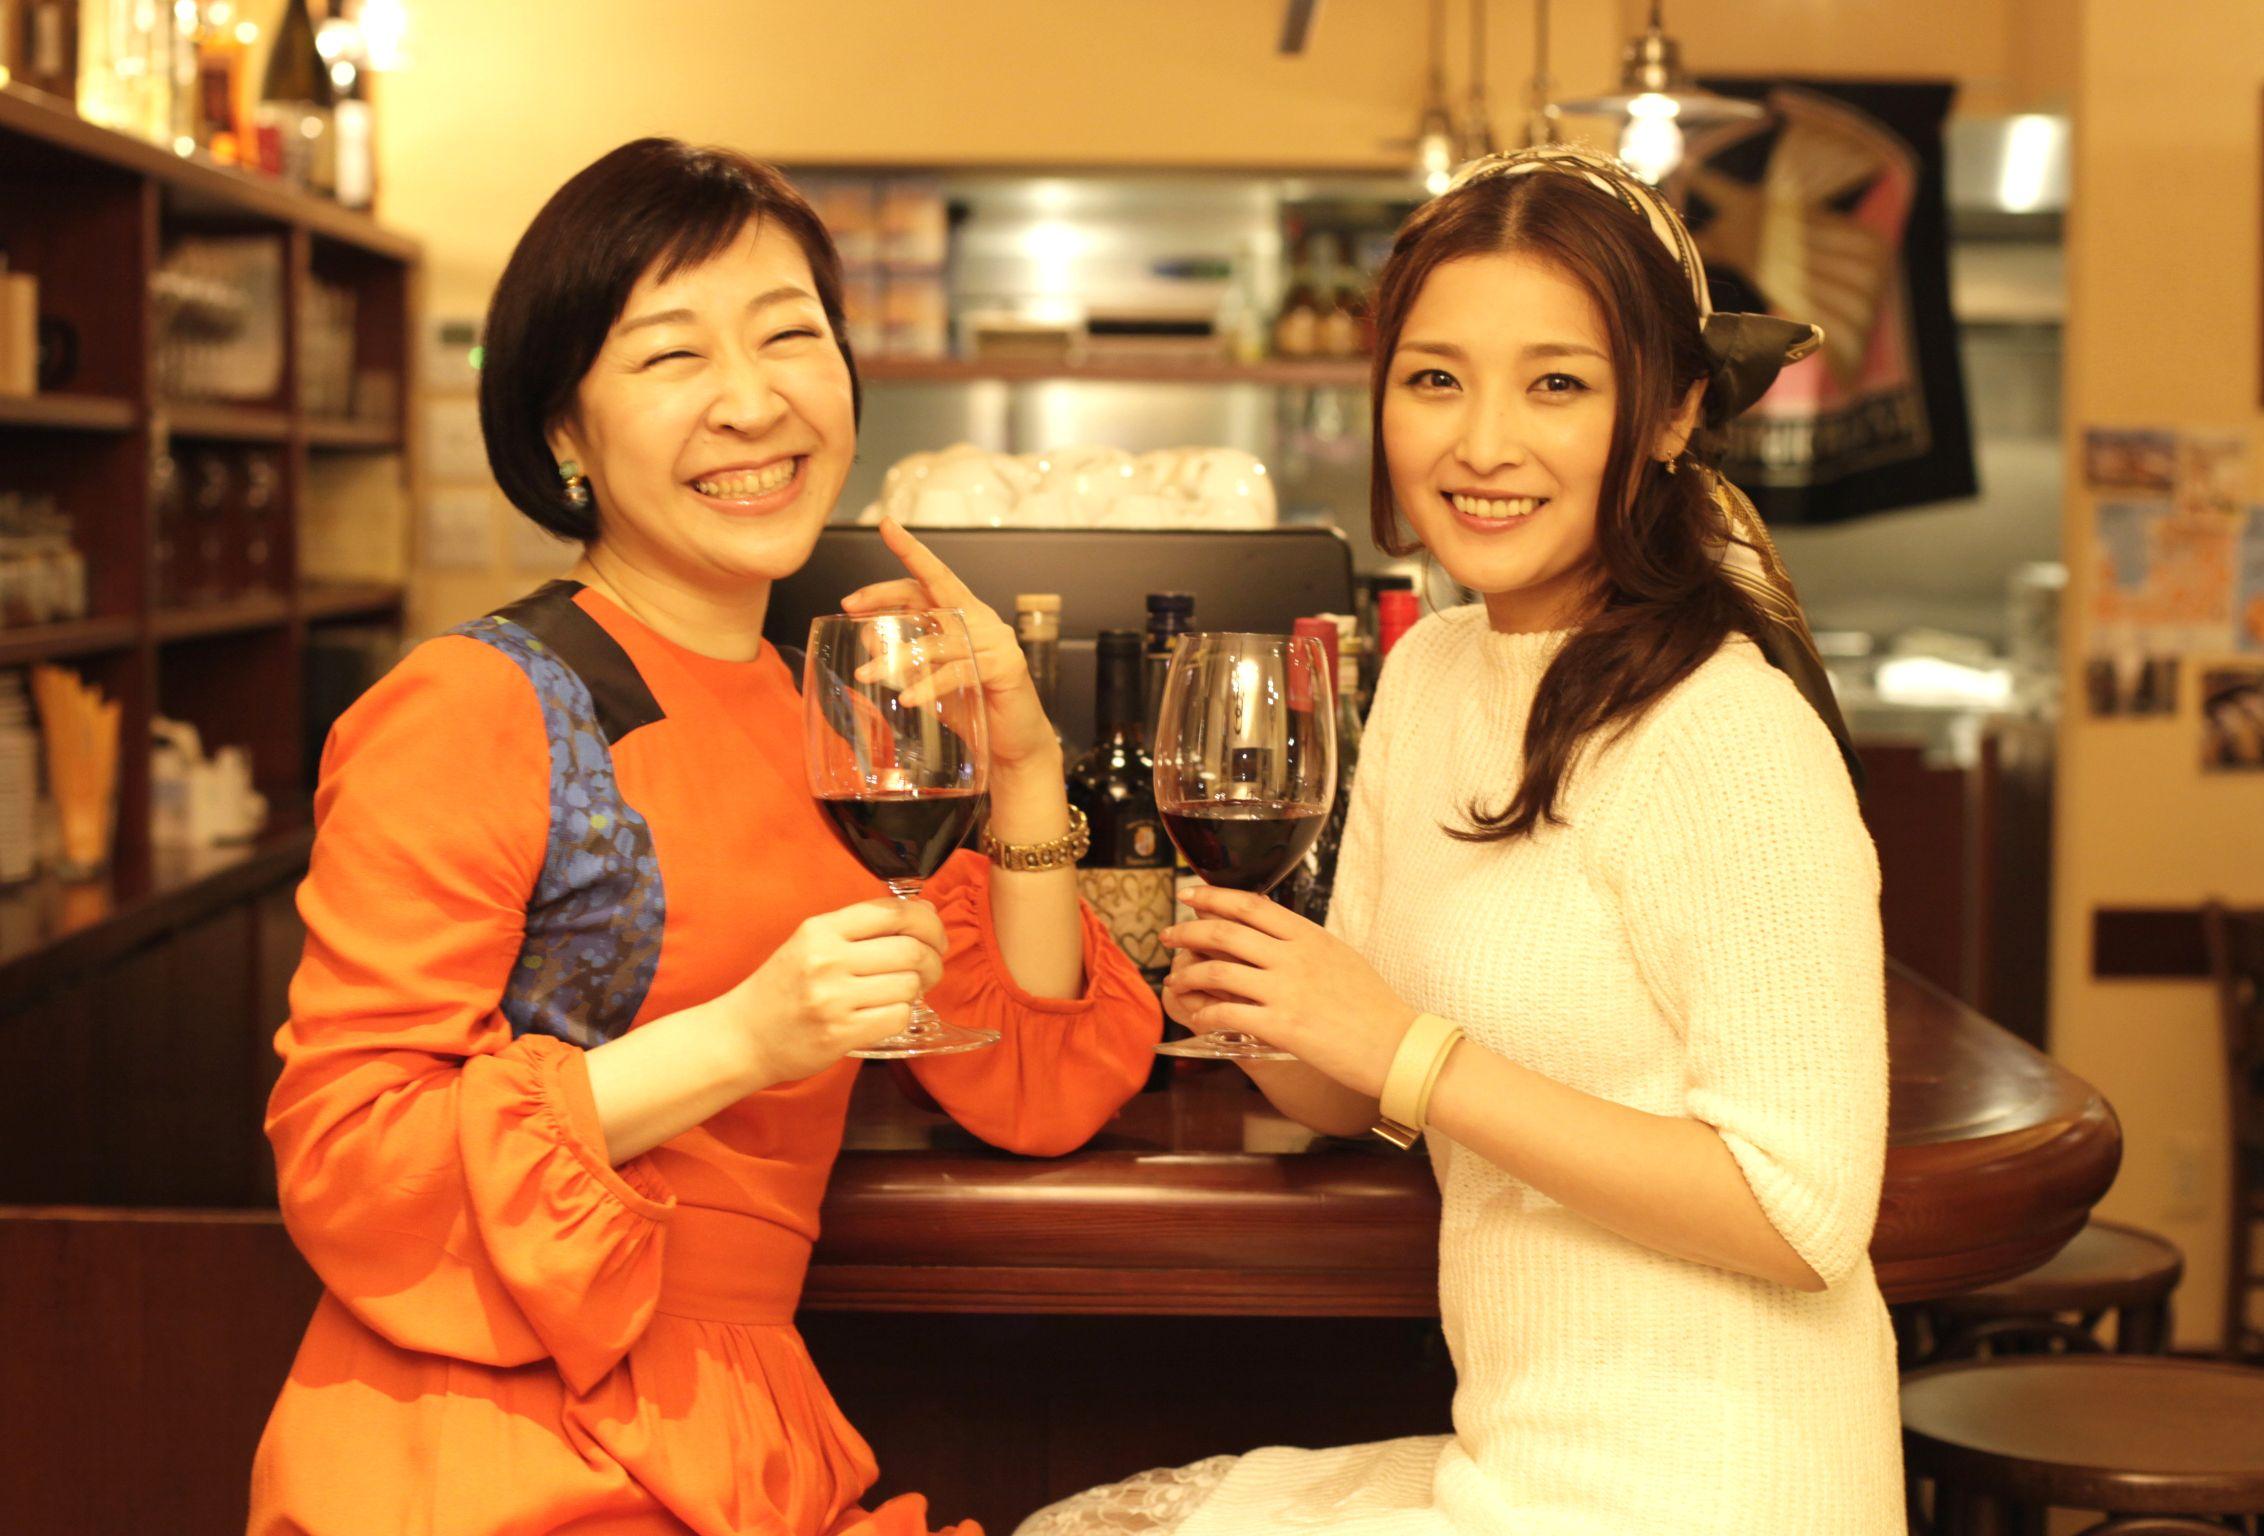 編集部も絶対にみます!!酒と食を愛する全ての女性たちに贈る新番組がスタート!『スヌ子のぶらり酔いどれ飯』